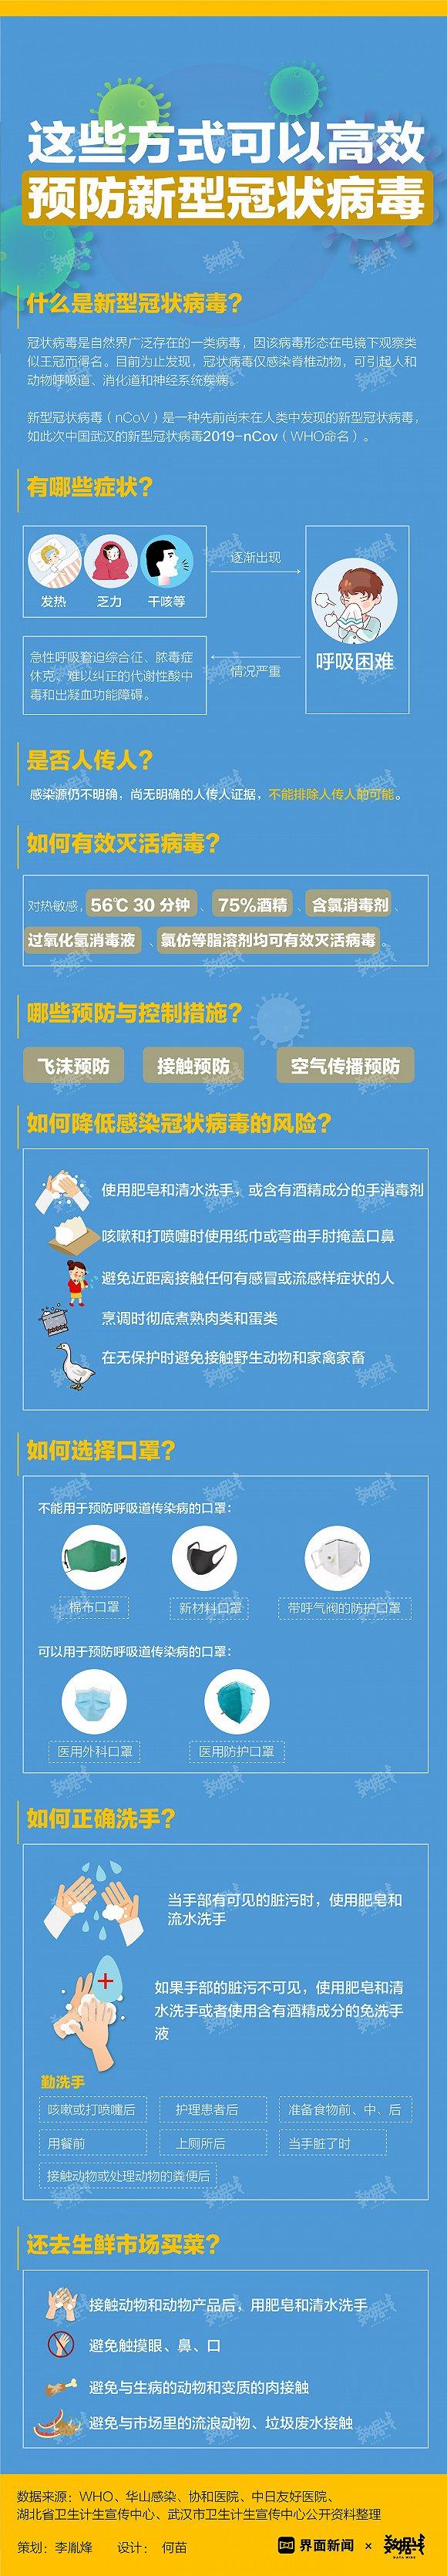 维维股份白酒收入下滑43%枝江酒业又补缴近2亿罚款